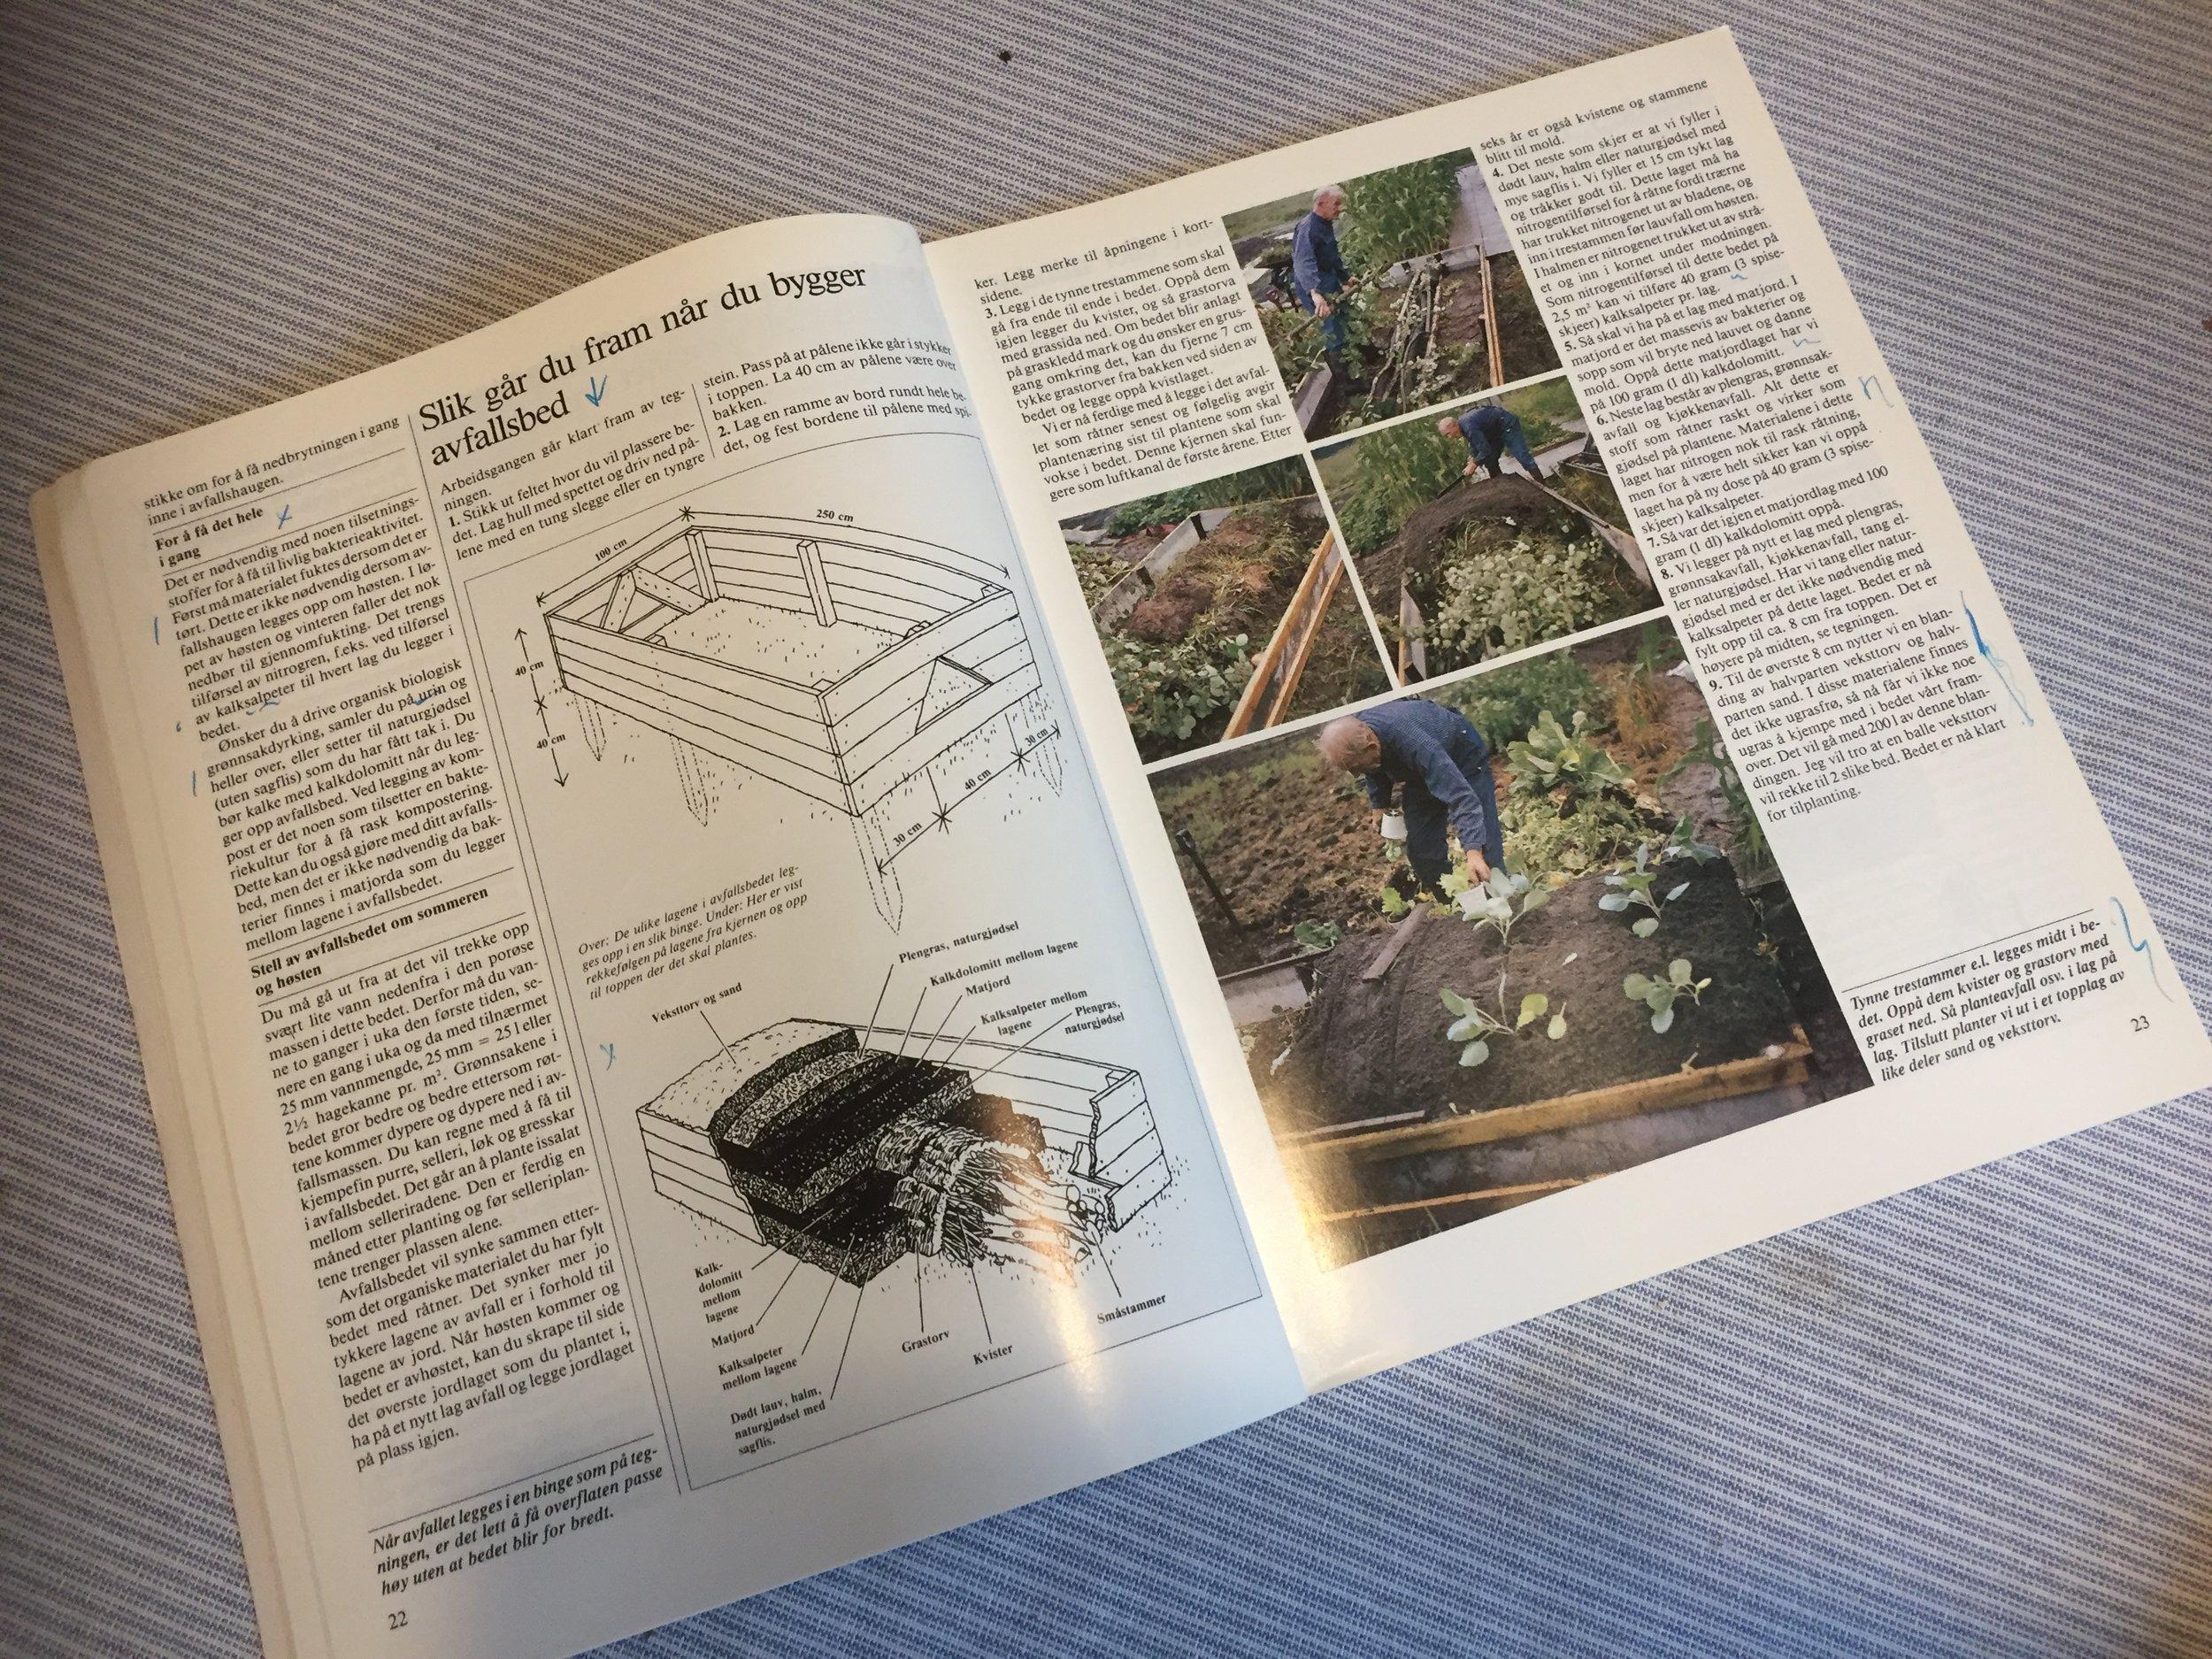 Avfallsbed kalte det norske hageselskap metoden da de tok den med i sin bok Lær å dyrke grønnsaker i 1987